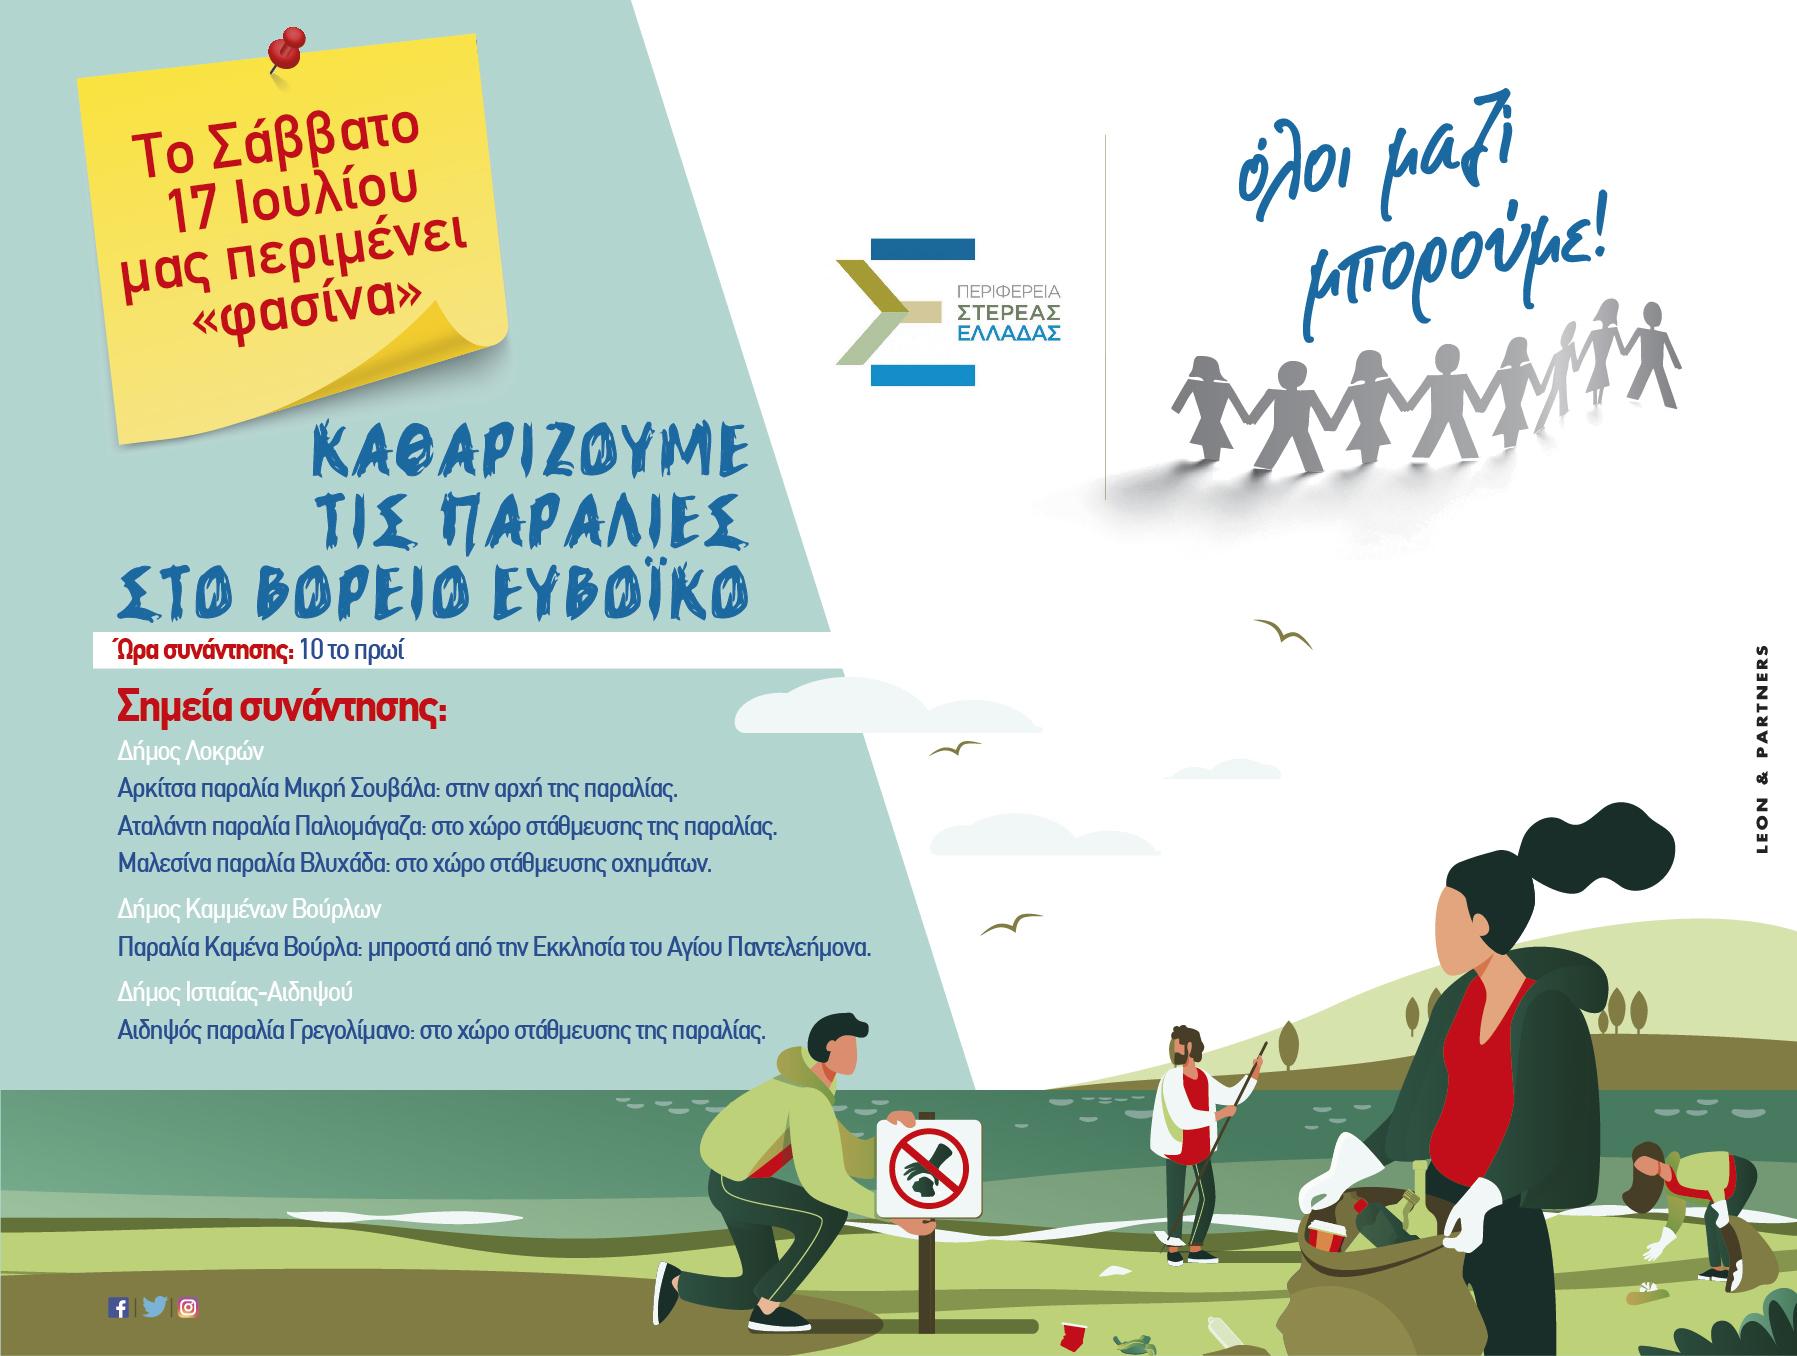 Το Όλοι Μαζί Μπορούμε καλεί εθελοντές να καθαρίσουν μαζί παραλίες στο Βόρειο Ευβοϊκό